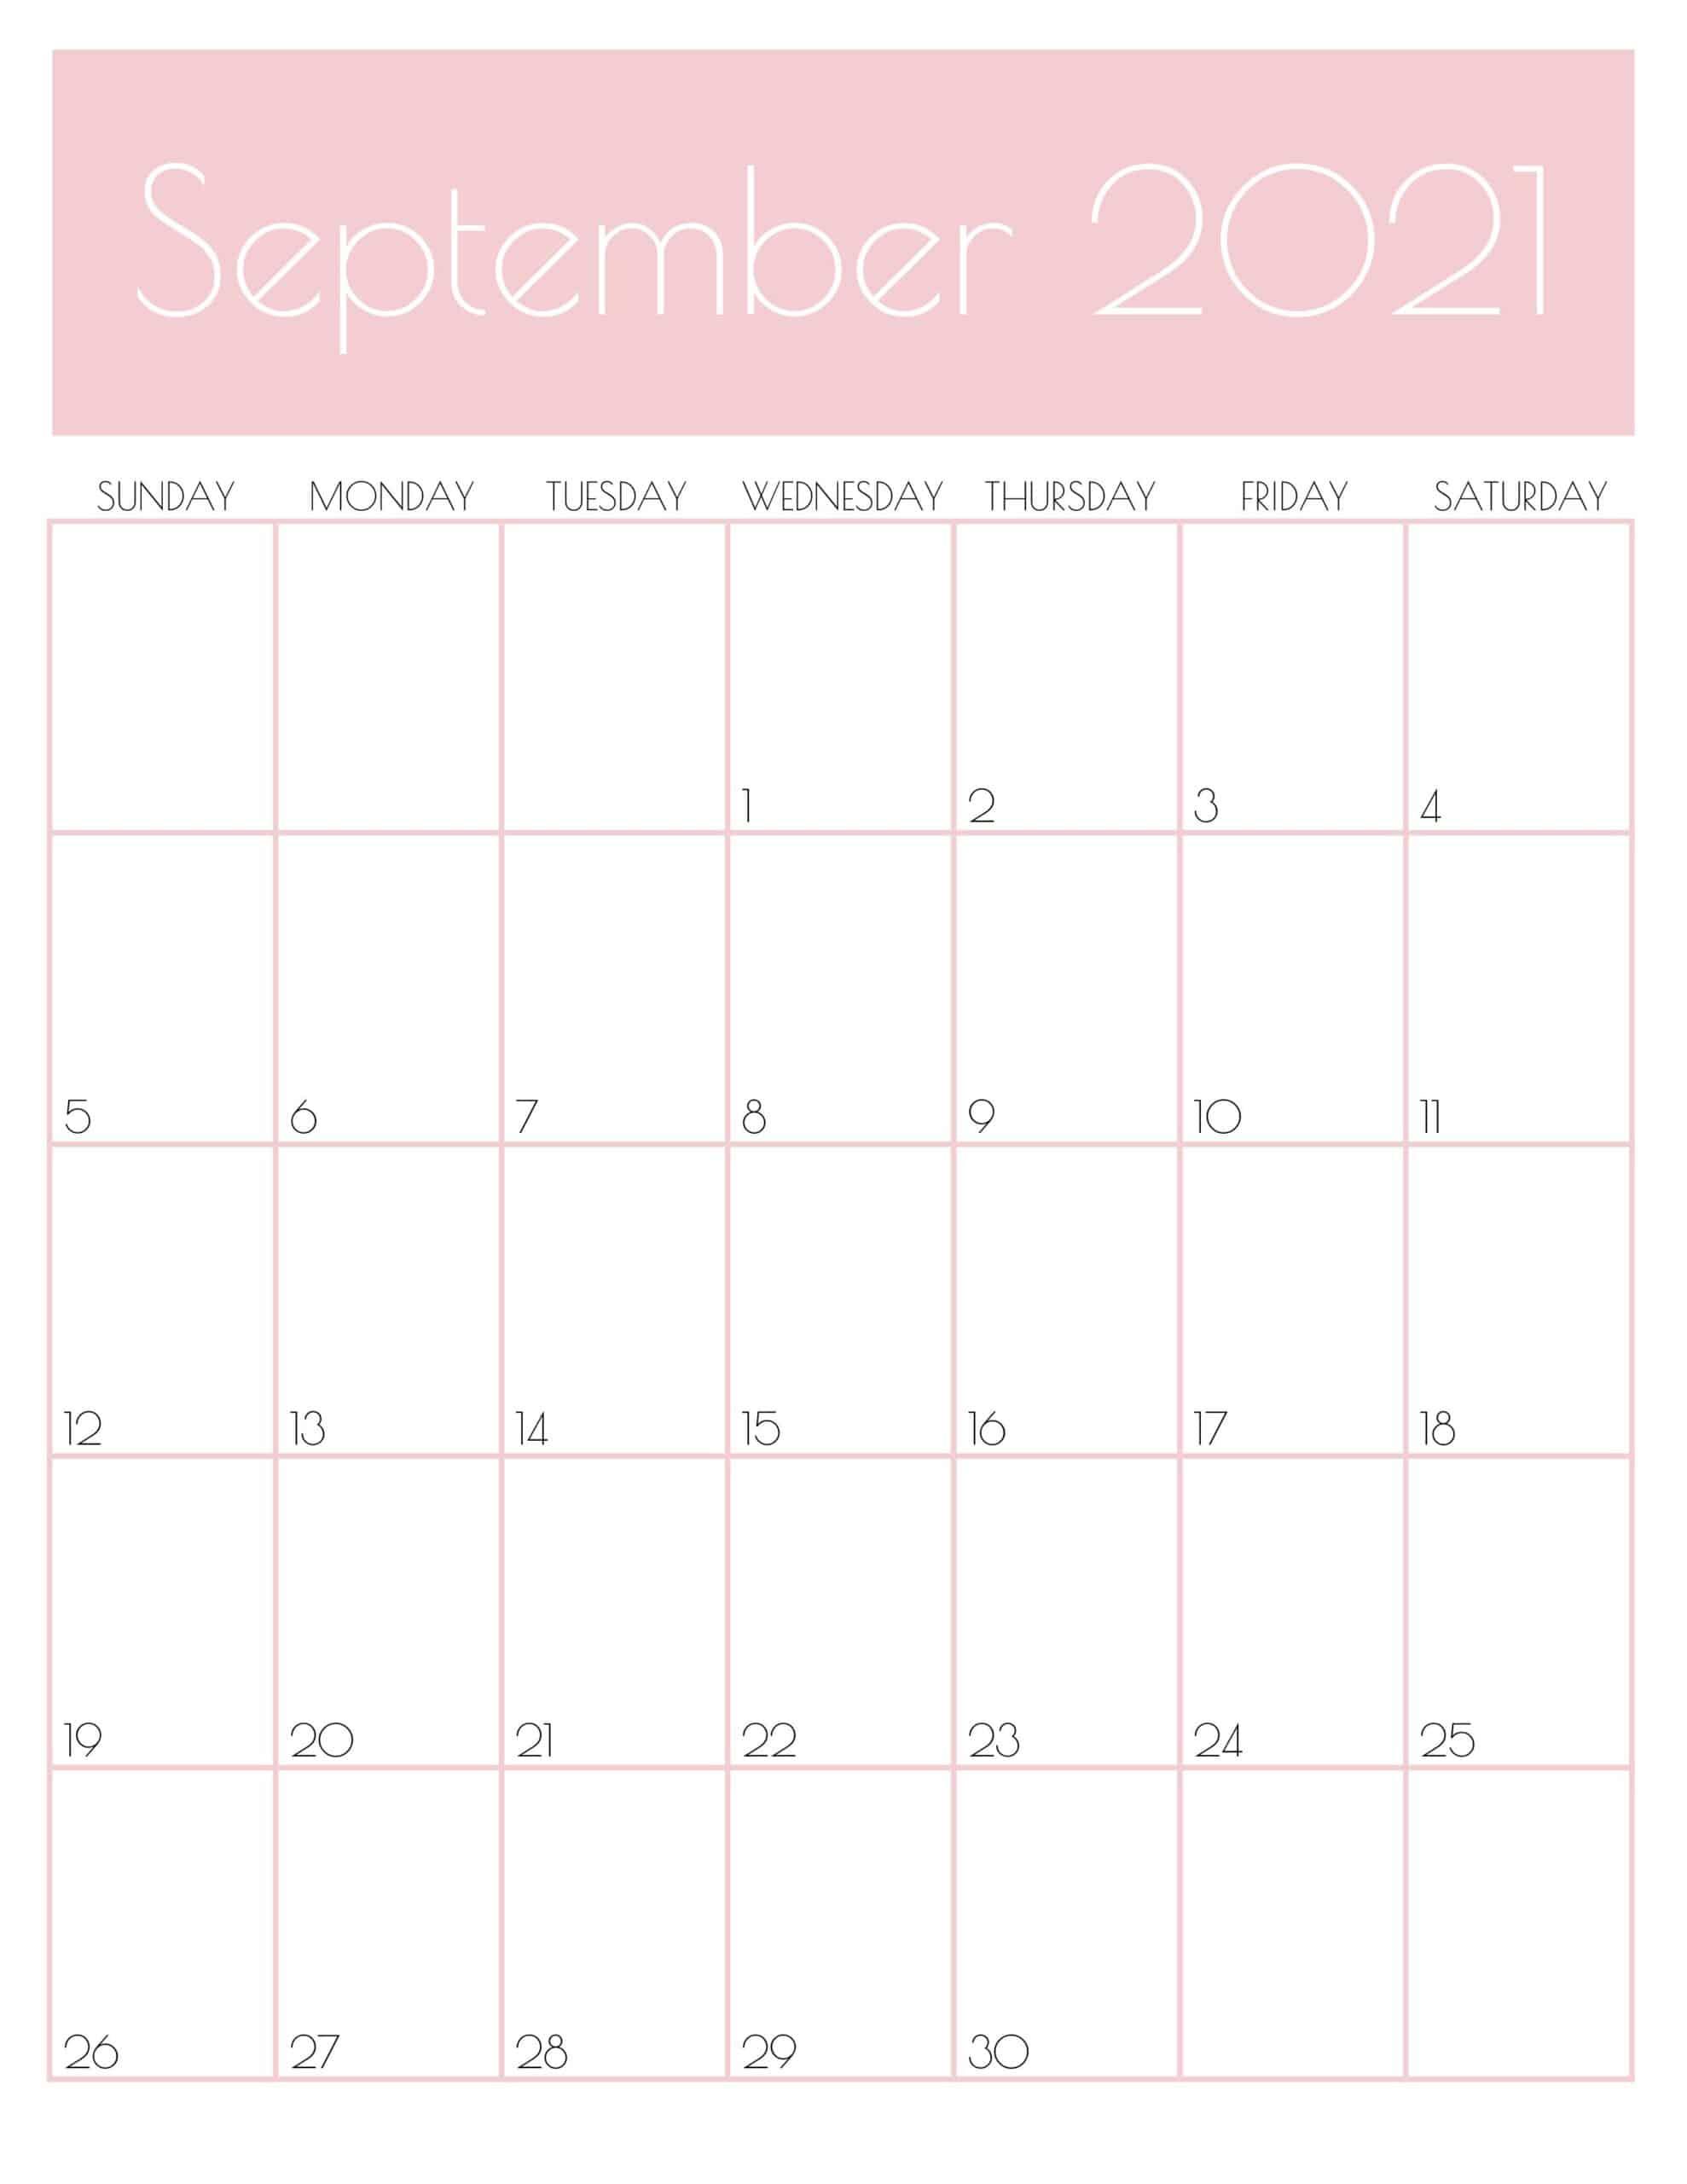 september 2021 calendar pink design